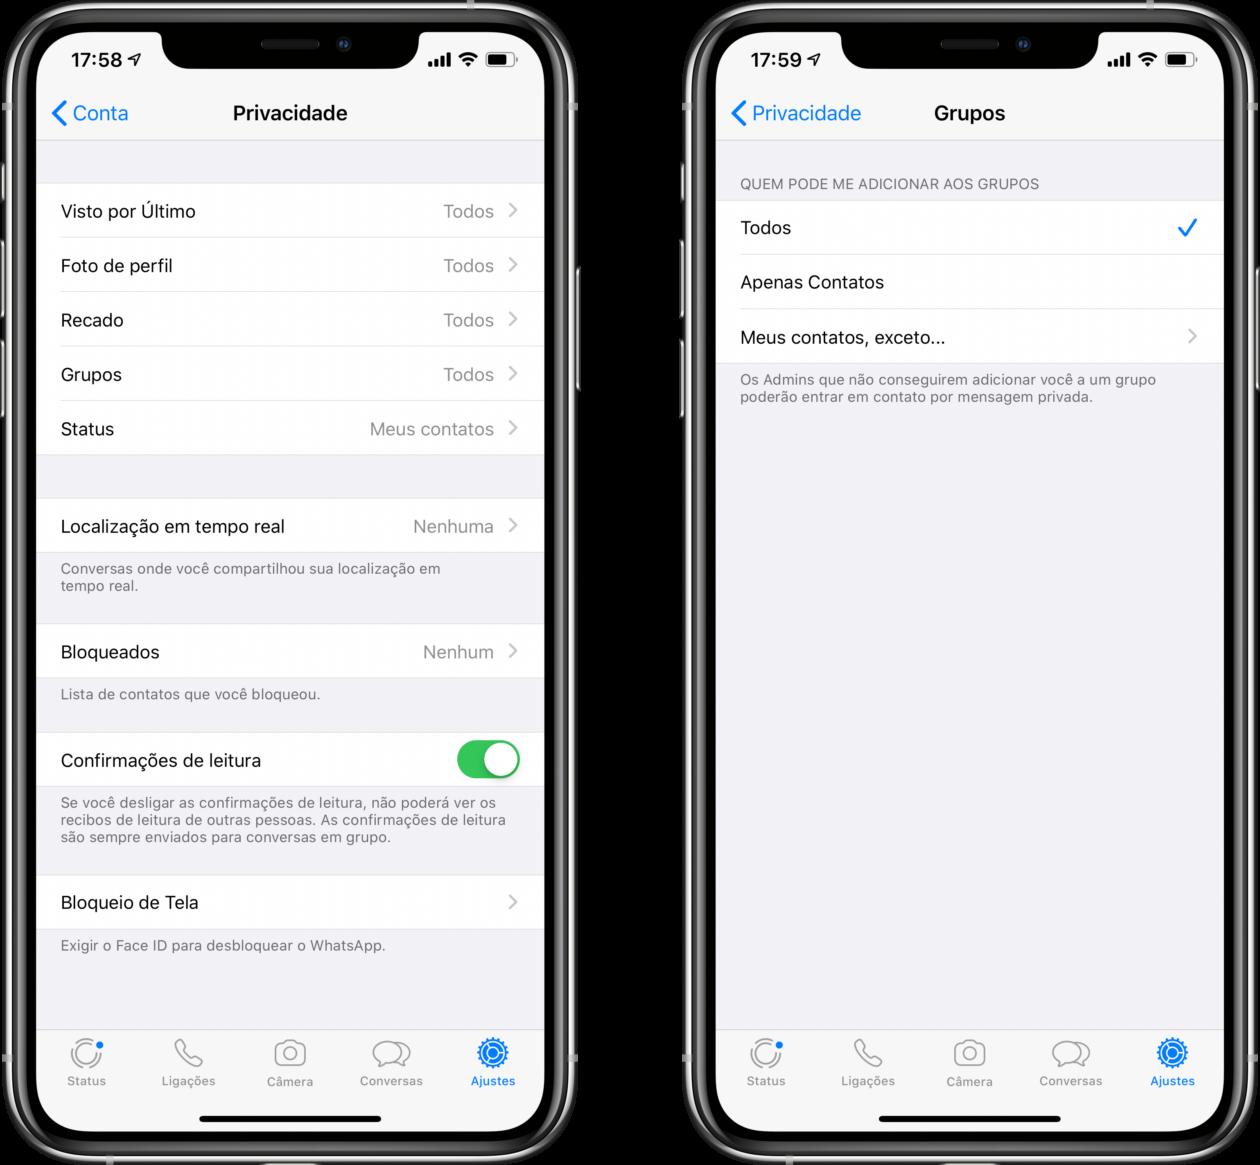 Opções de privacidade para grupos no WhatsApp